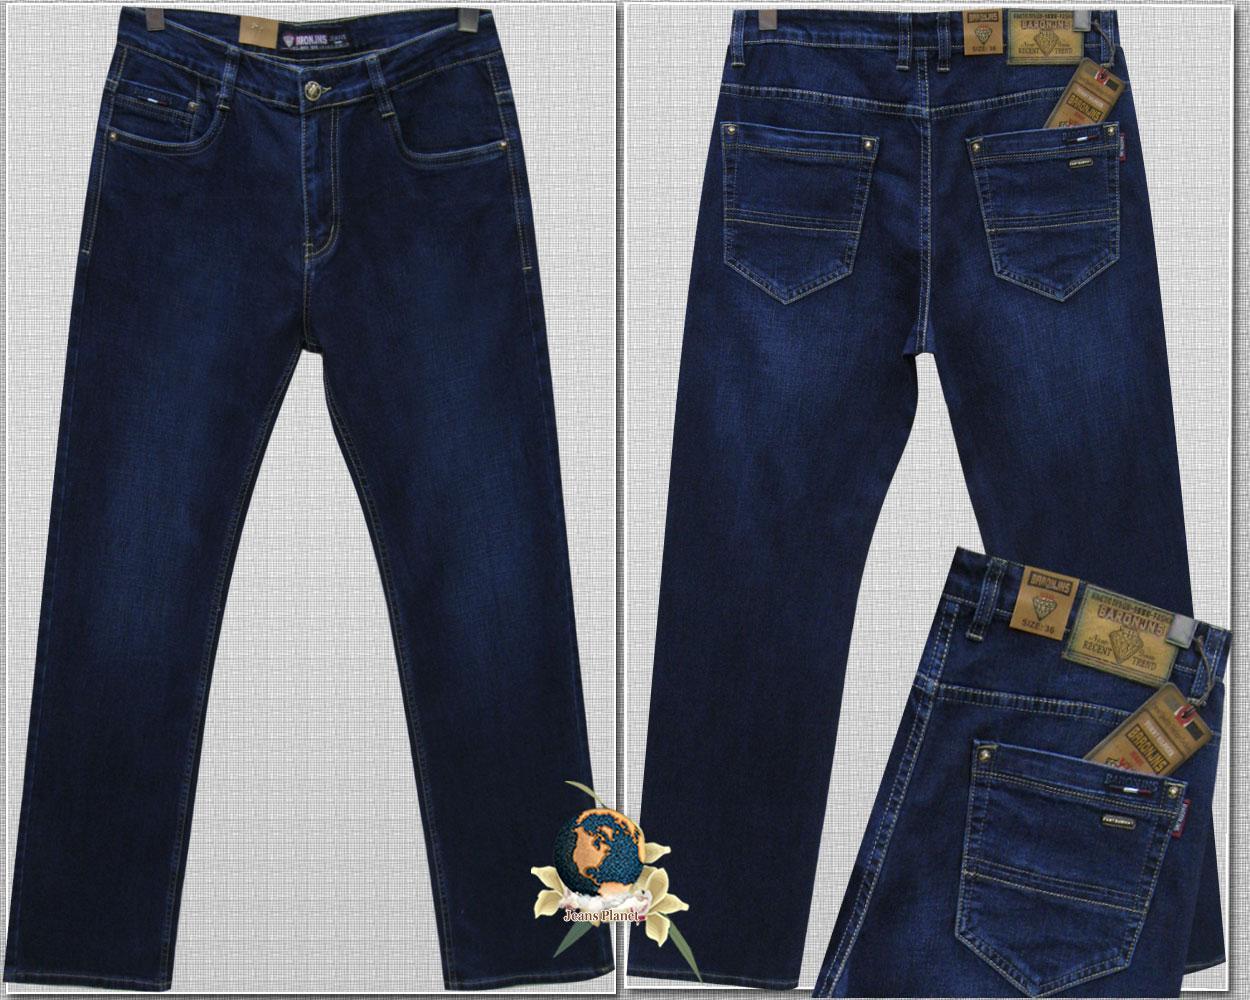 Джинси чоловічі прямі класичні темно-синього кольору Baron JNS 42 розмір